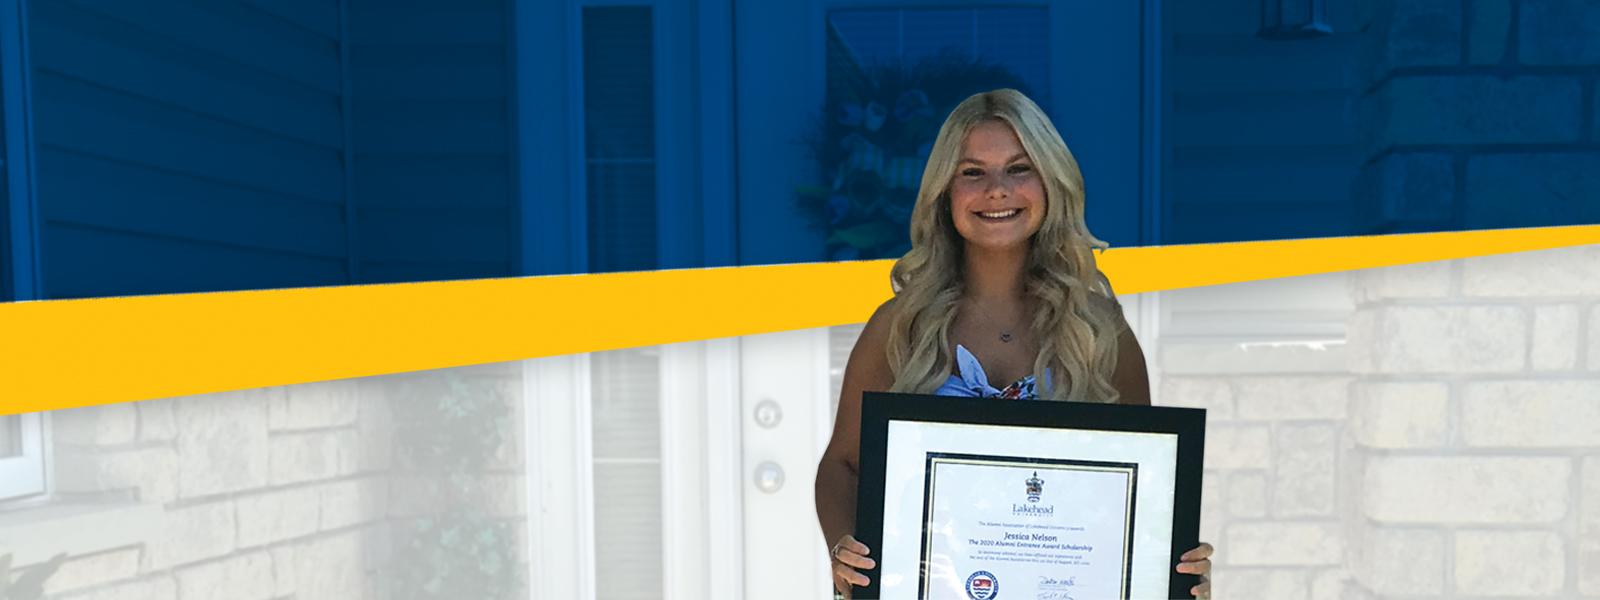 Our Alumni Entrance Award Winner Jessica Nelson